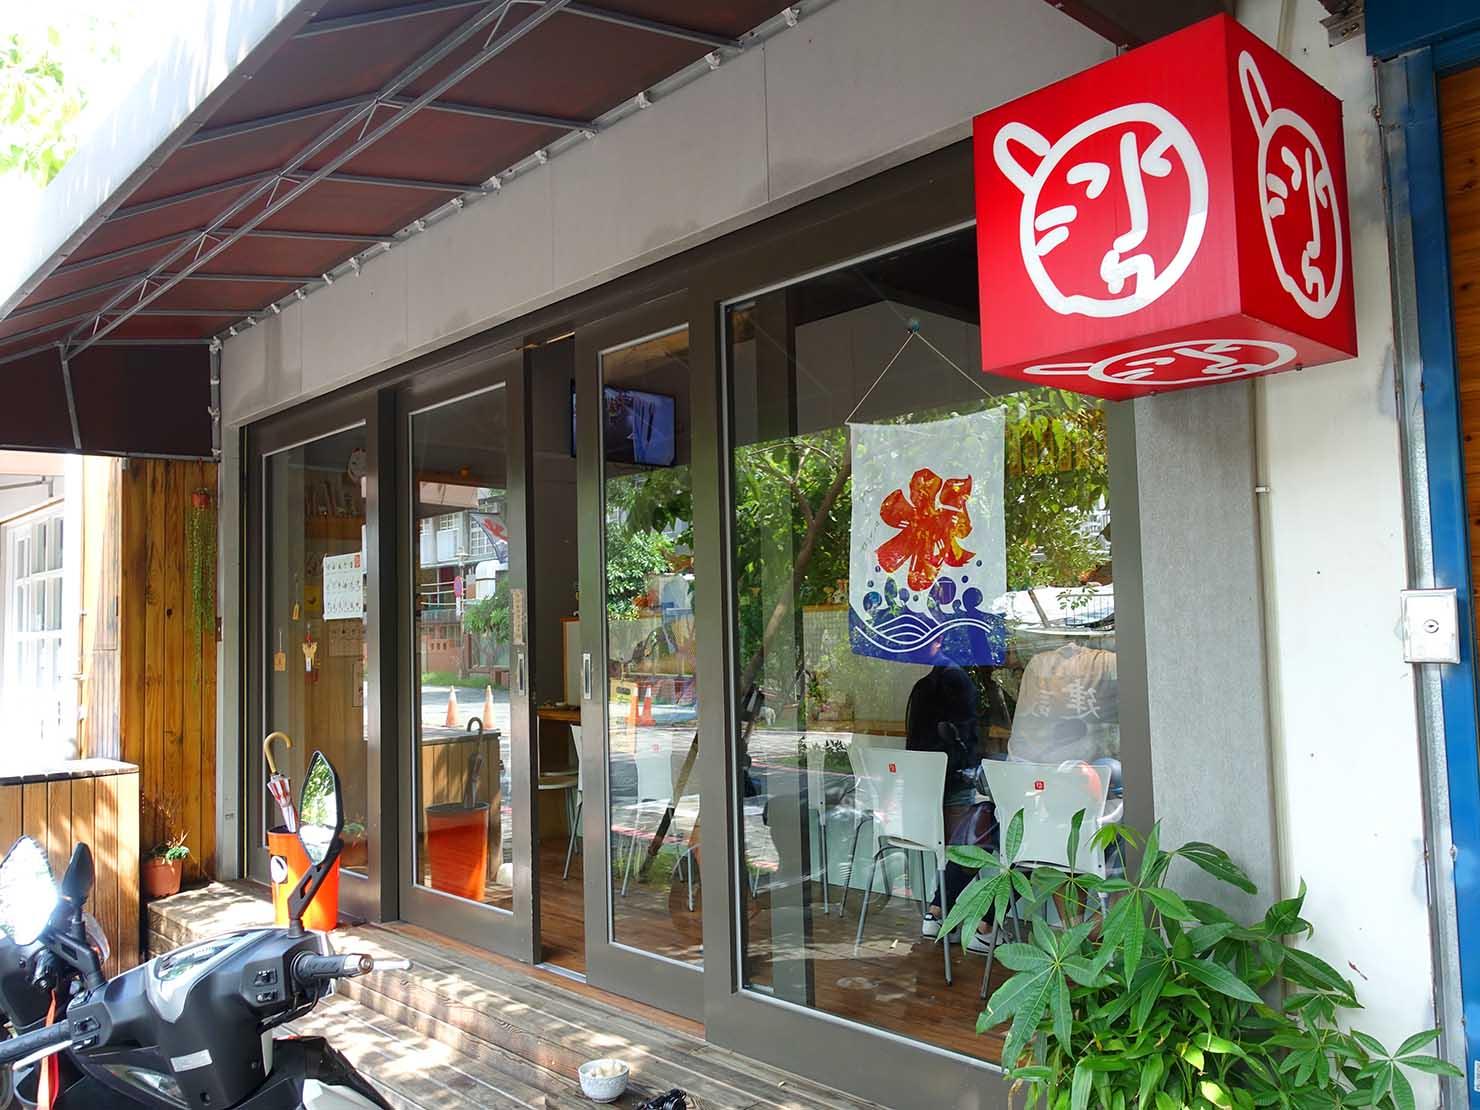 台南・赤崁樓周辺のおすすめグルメ店「冰ㄉ・かき氷 no.2」の外観